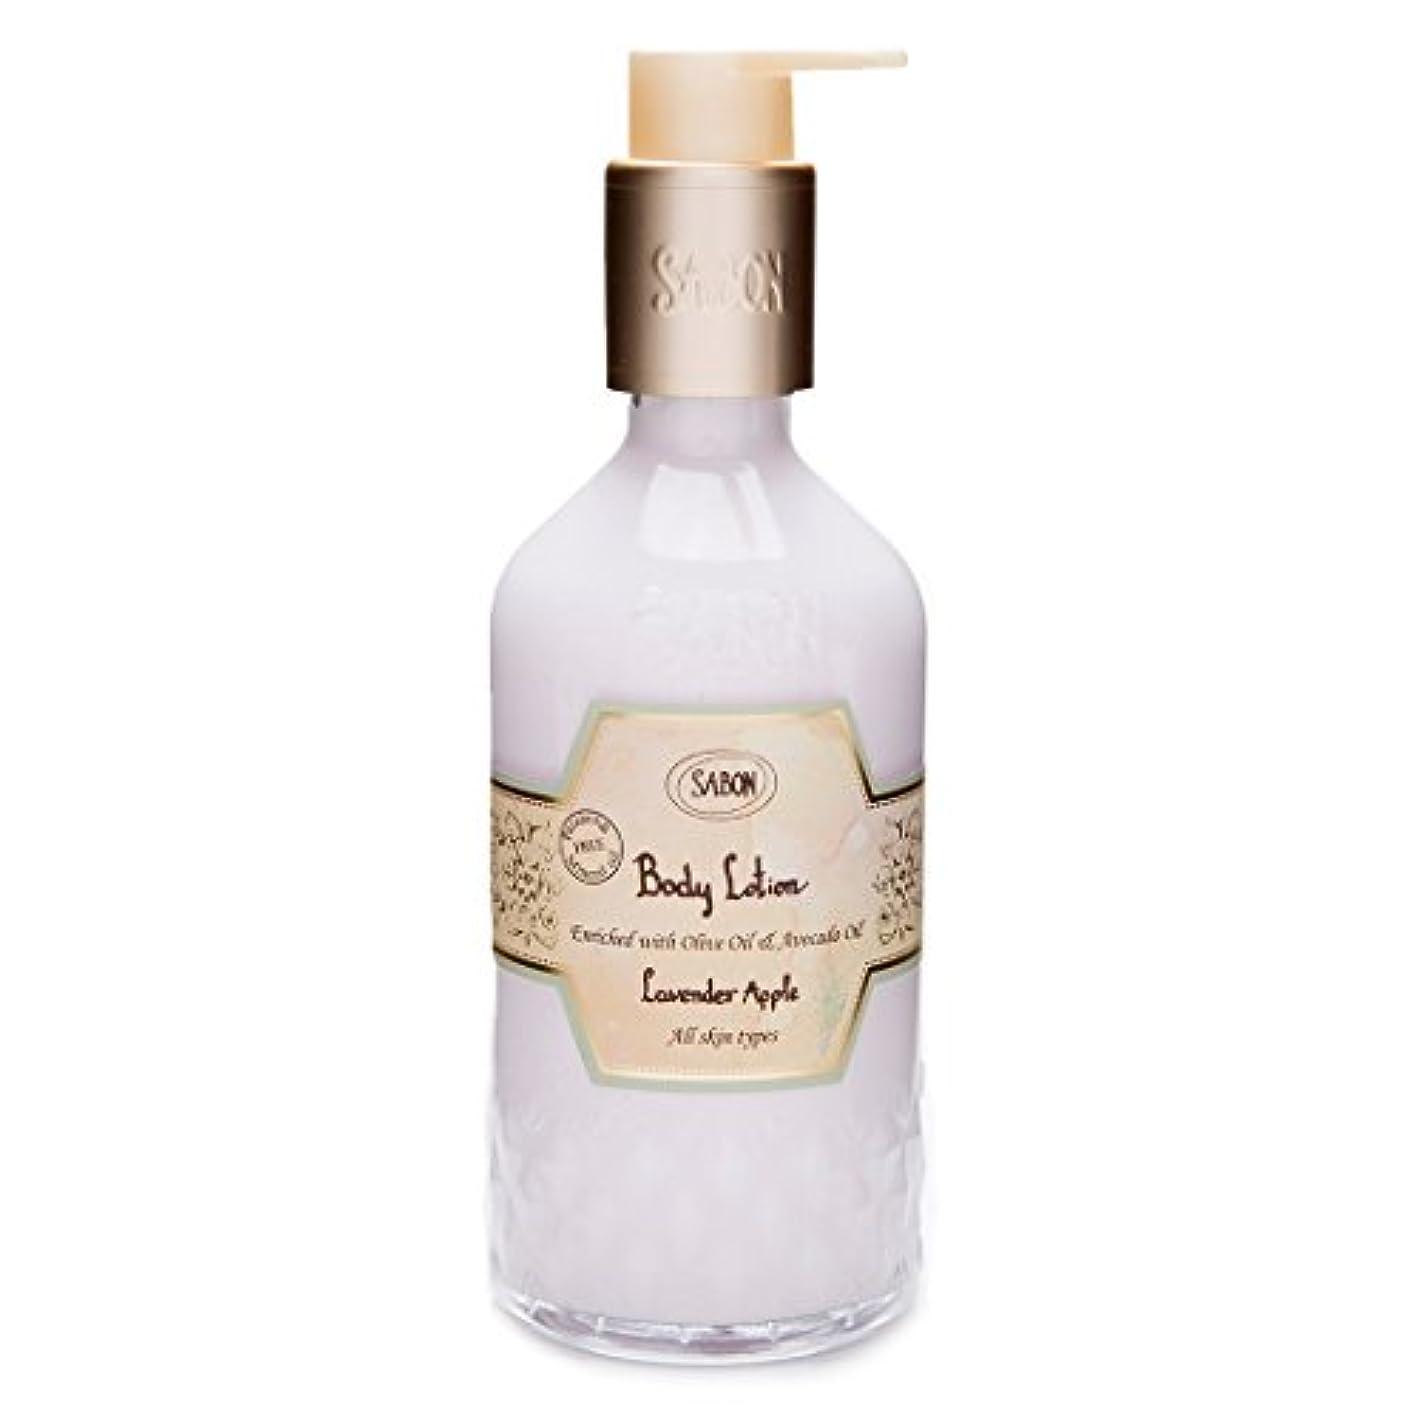 空バナナずっと【SABON(サボン)】ボディ ローション ラベンダー アップル ボトルタイプ Body Lotion Lavender Apple